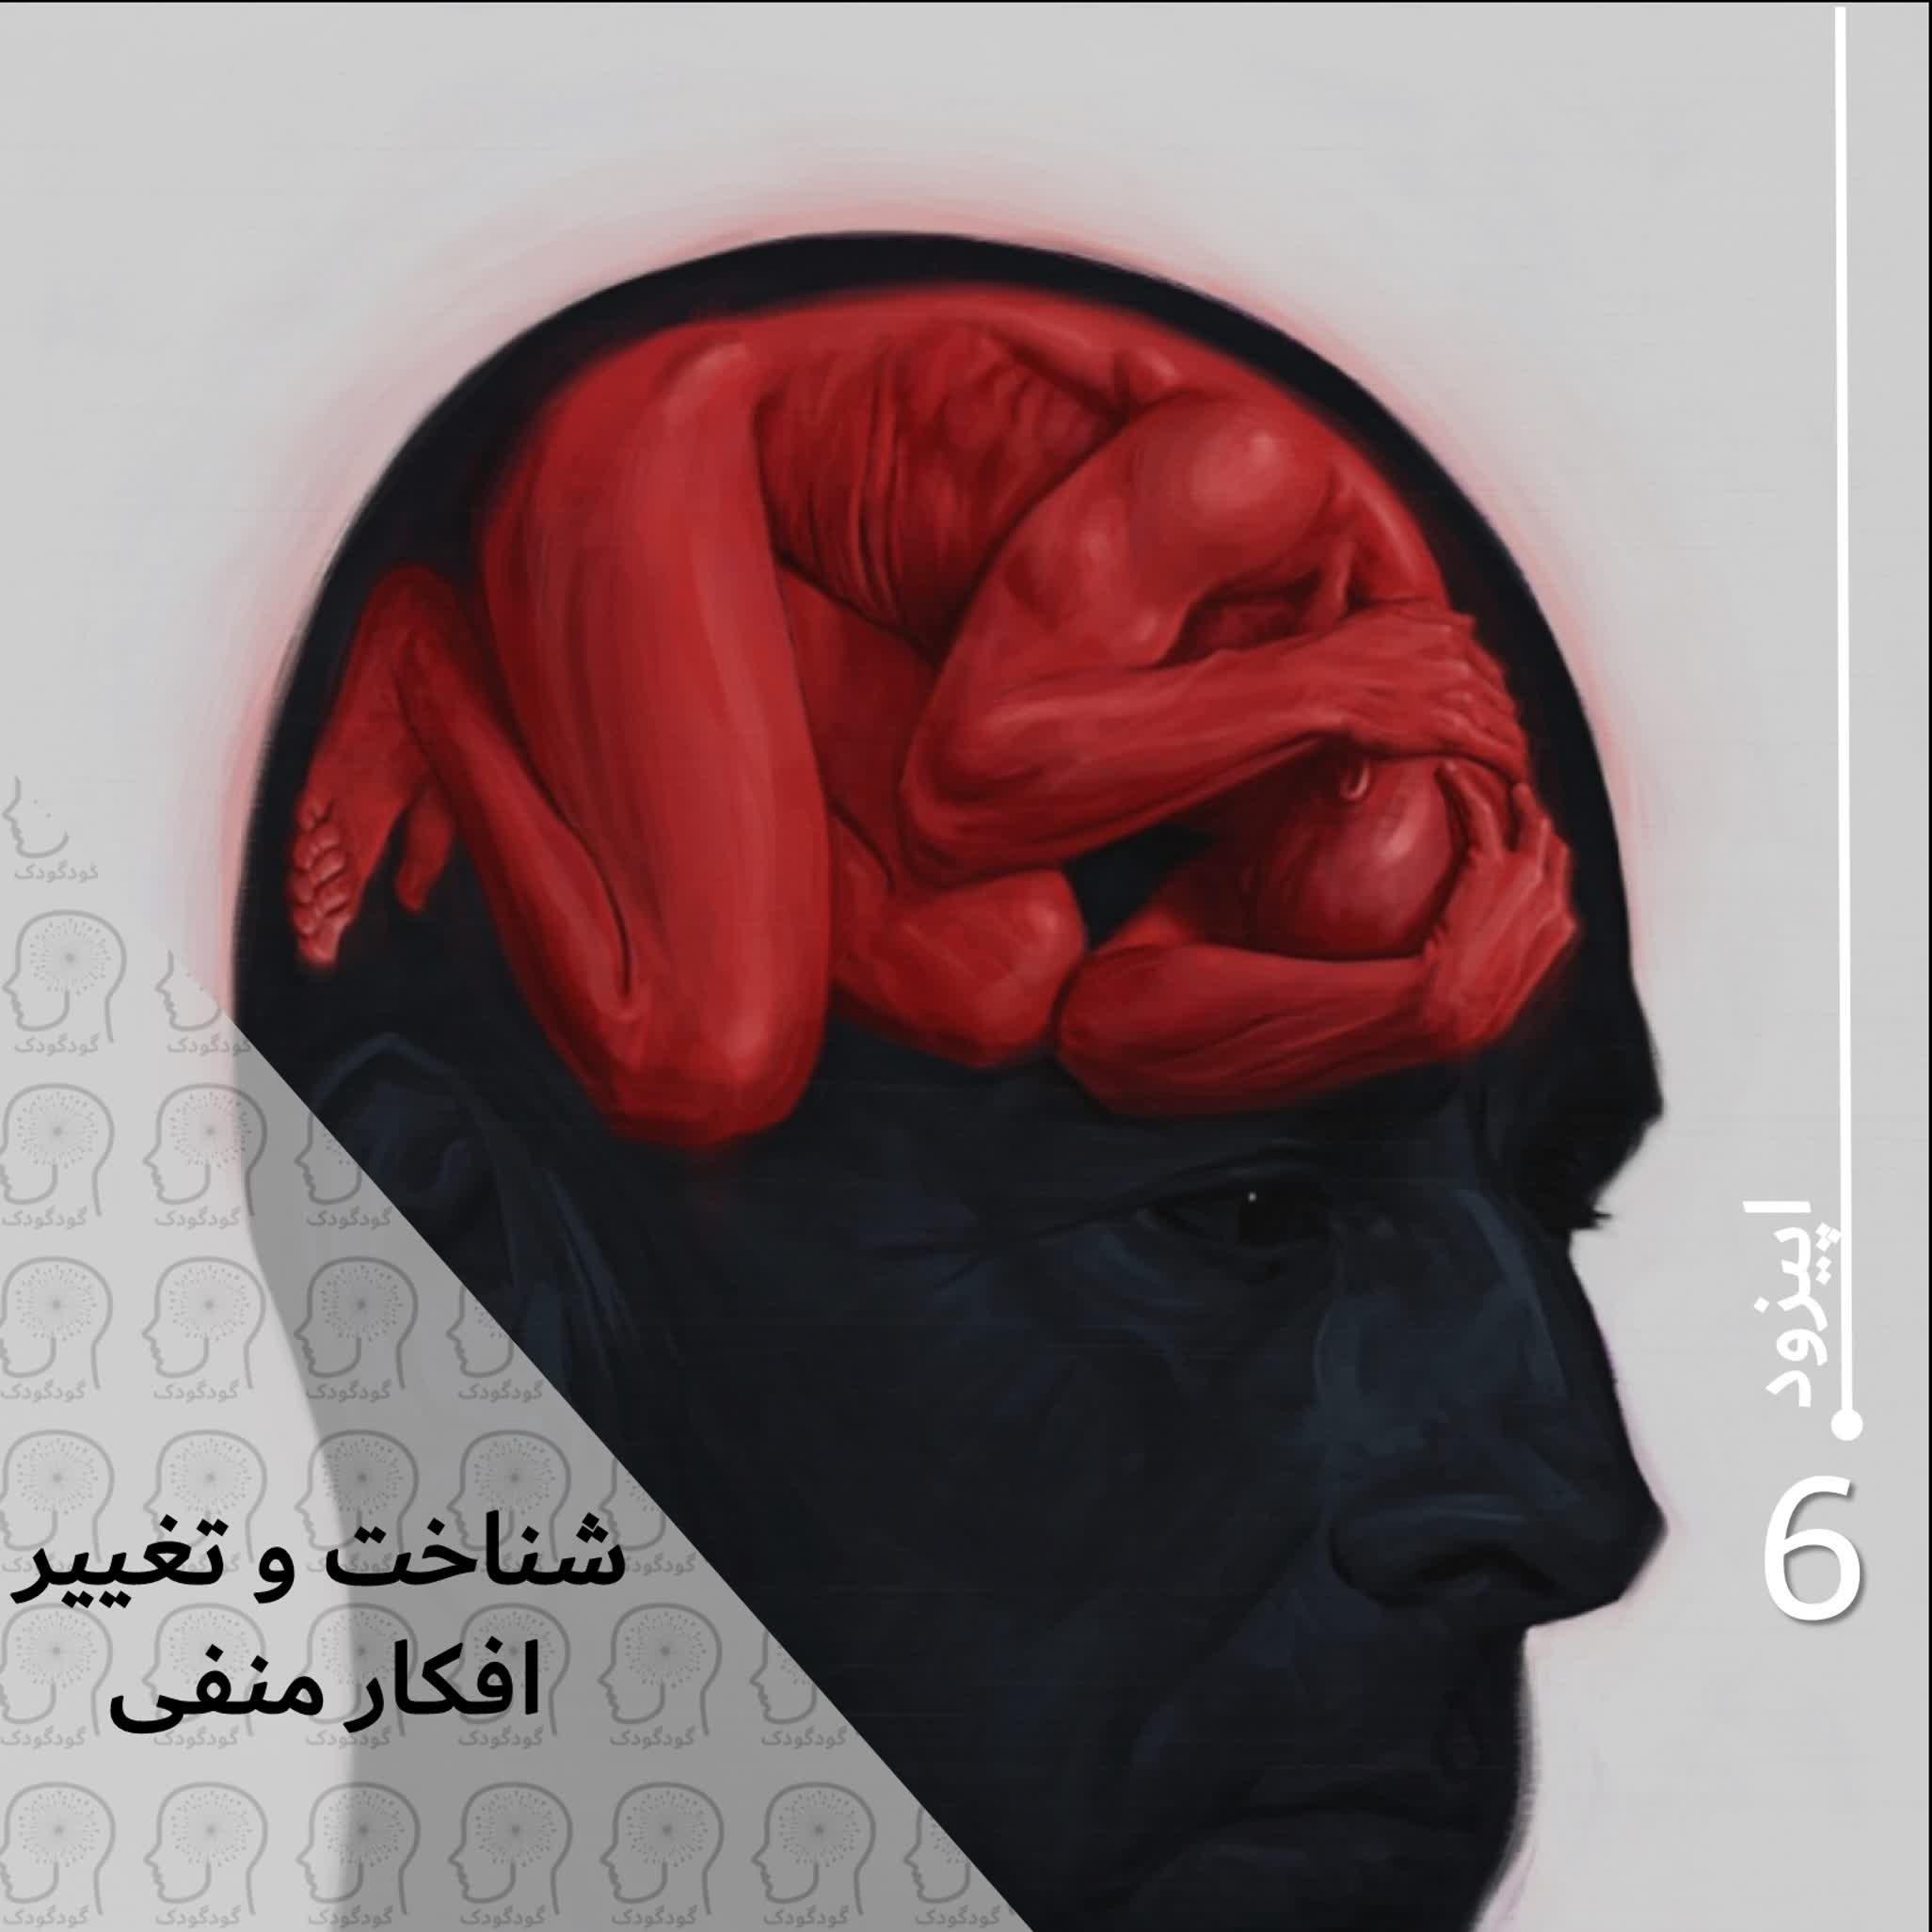 E06  غلبه بر  افسردگی و اضطراب: شناخت و تغییر افکار منفی